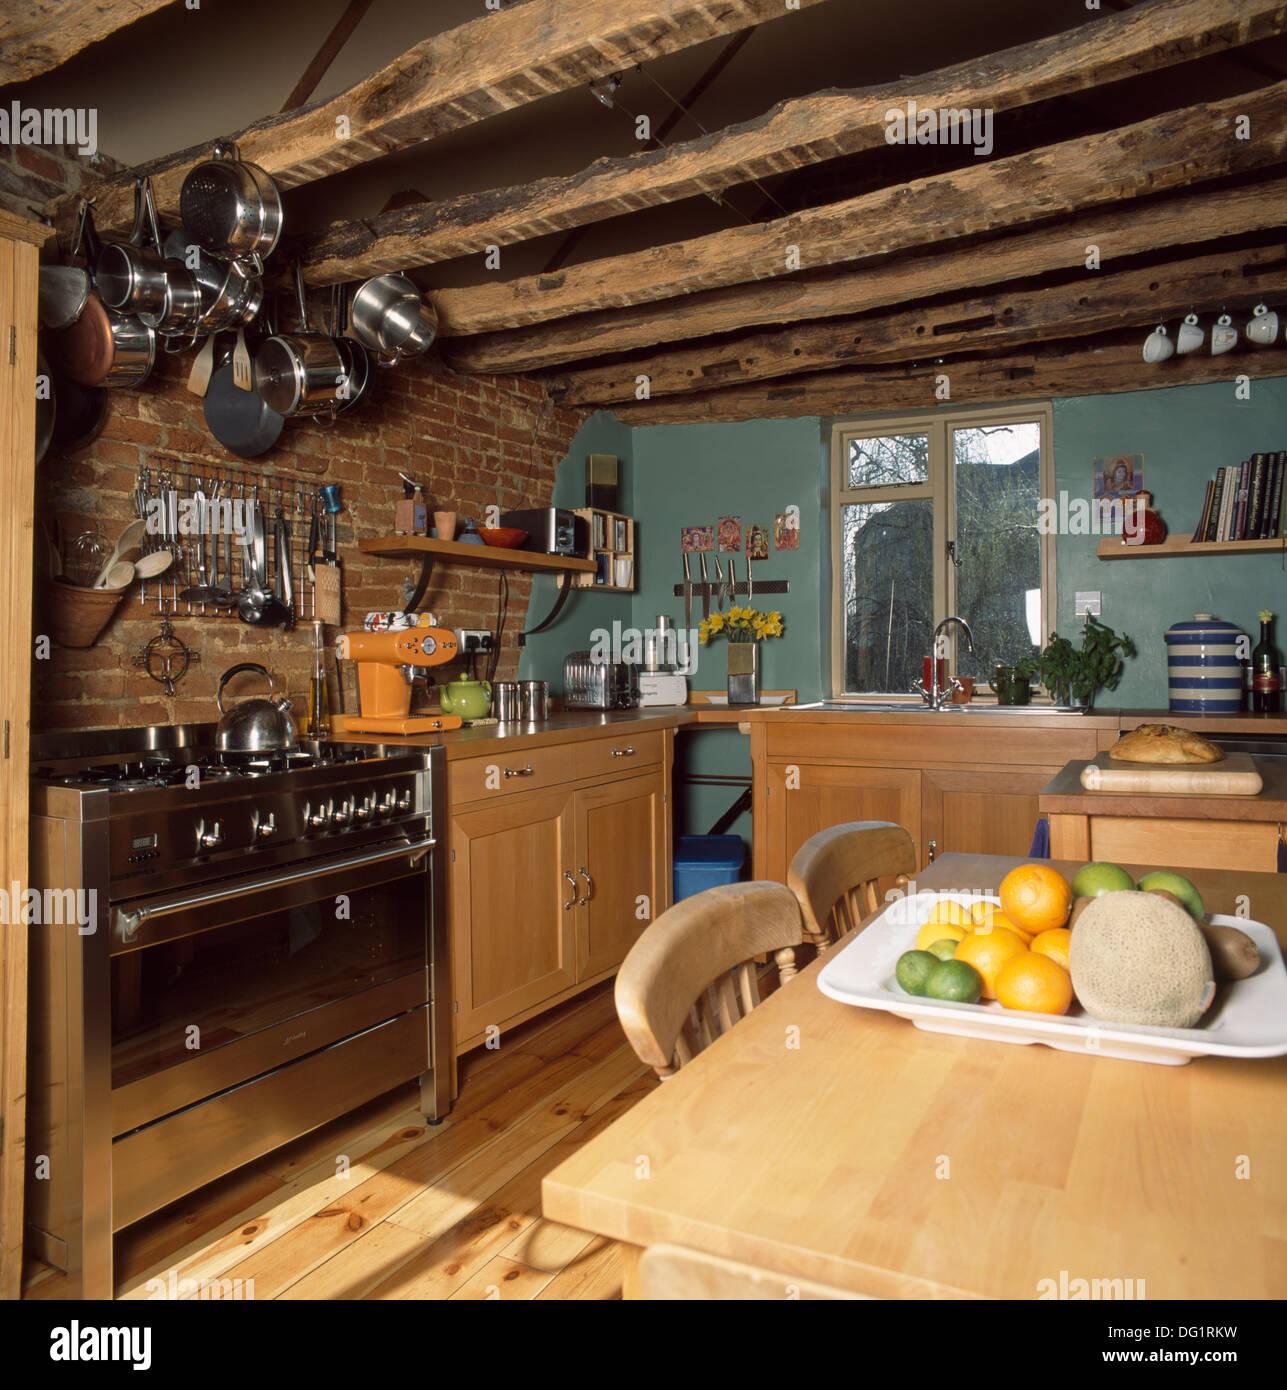 pfannen auf rack uber edelstahl herd im landhaus kuche mit rustikalen holzbalken und kiefer tisch